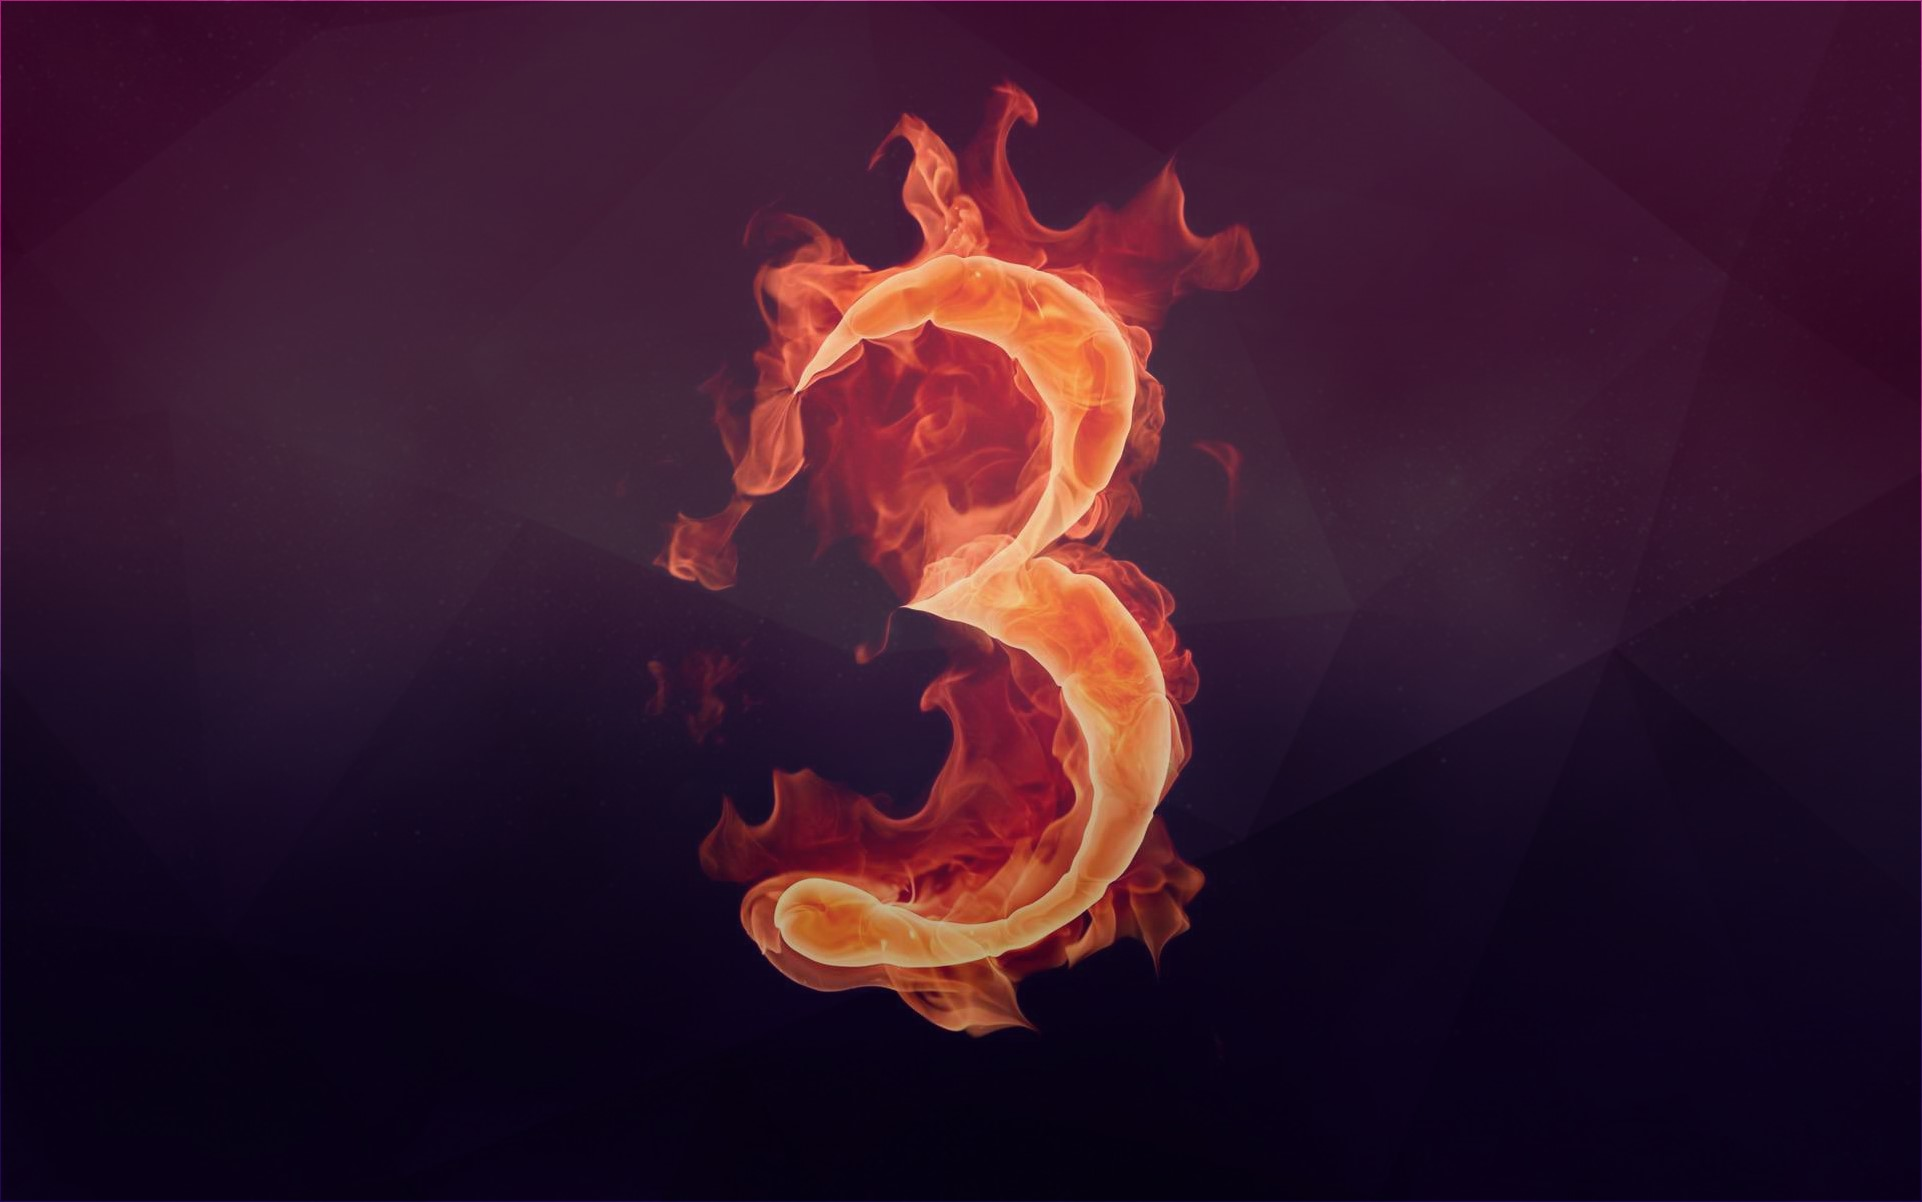 数字能量学3号人适合做什么工作?数字能量学3号人性格特征